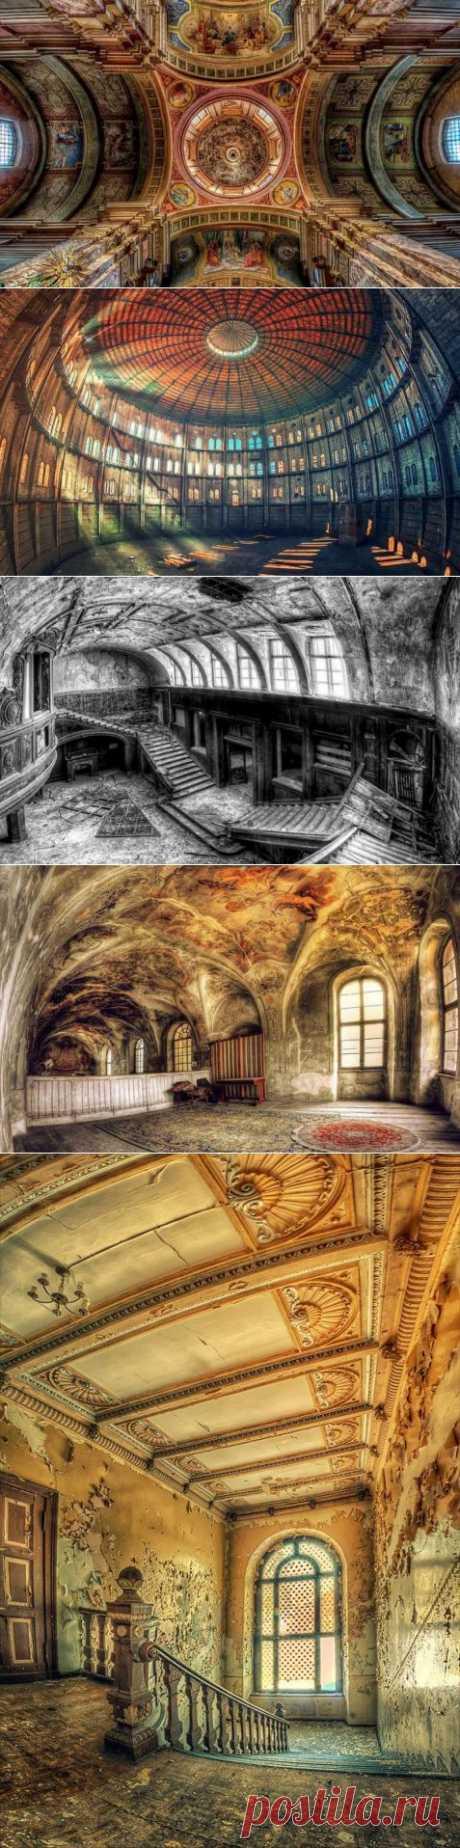 (+1) тема - Забытые архитектурные красоты Европы   Непутевые заметки